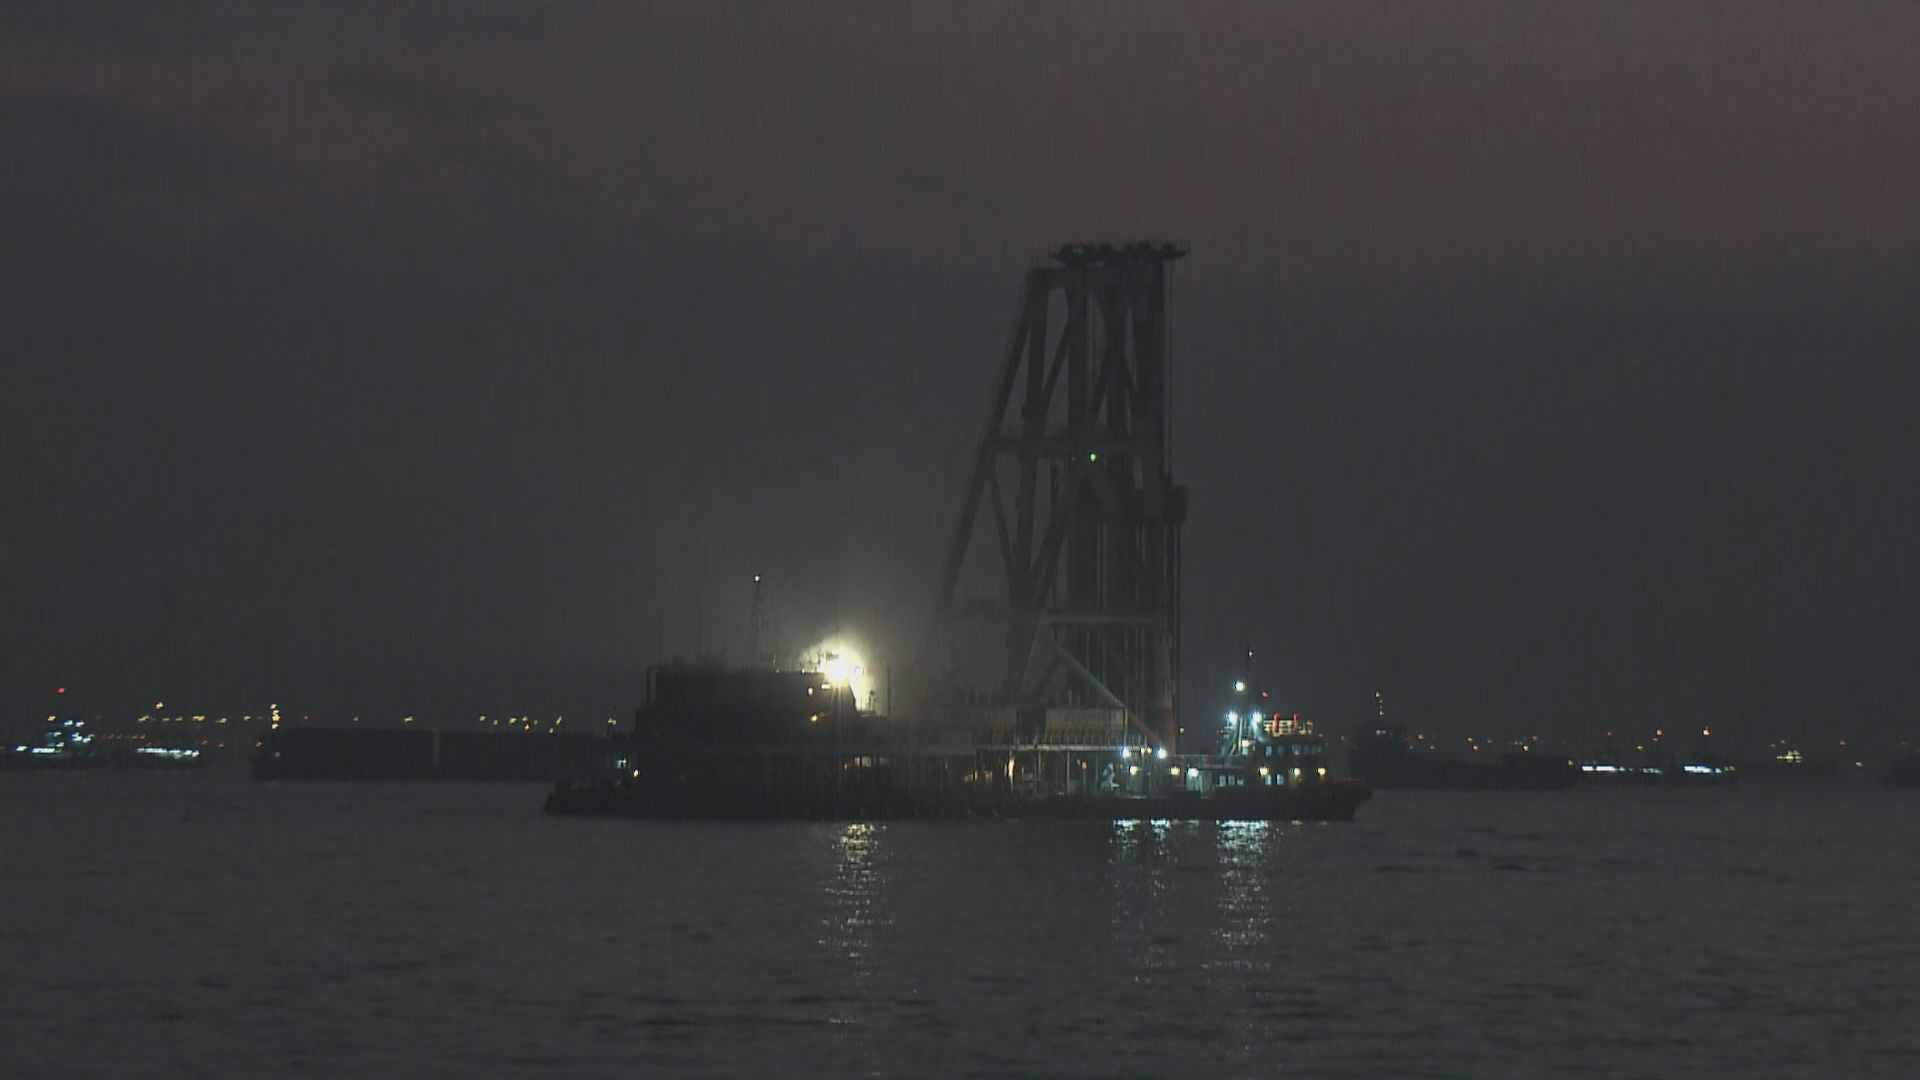 躉船屯門對開海面起火 約四小時後救熄